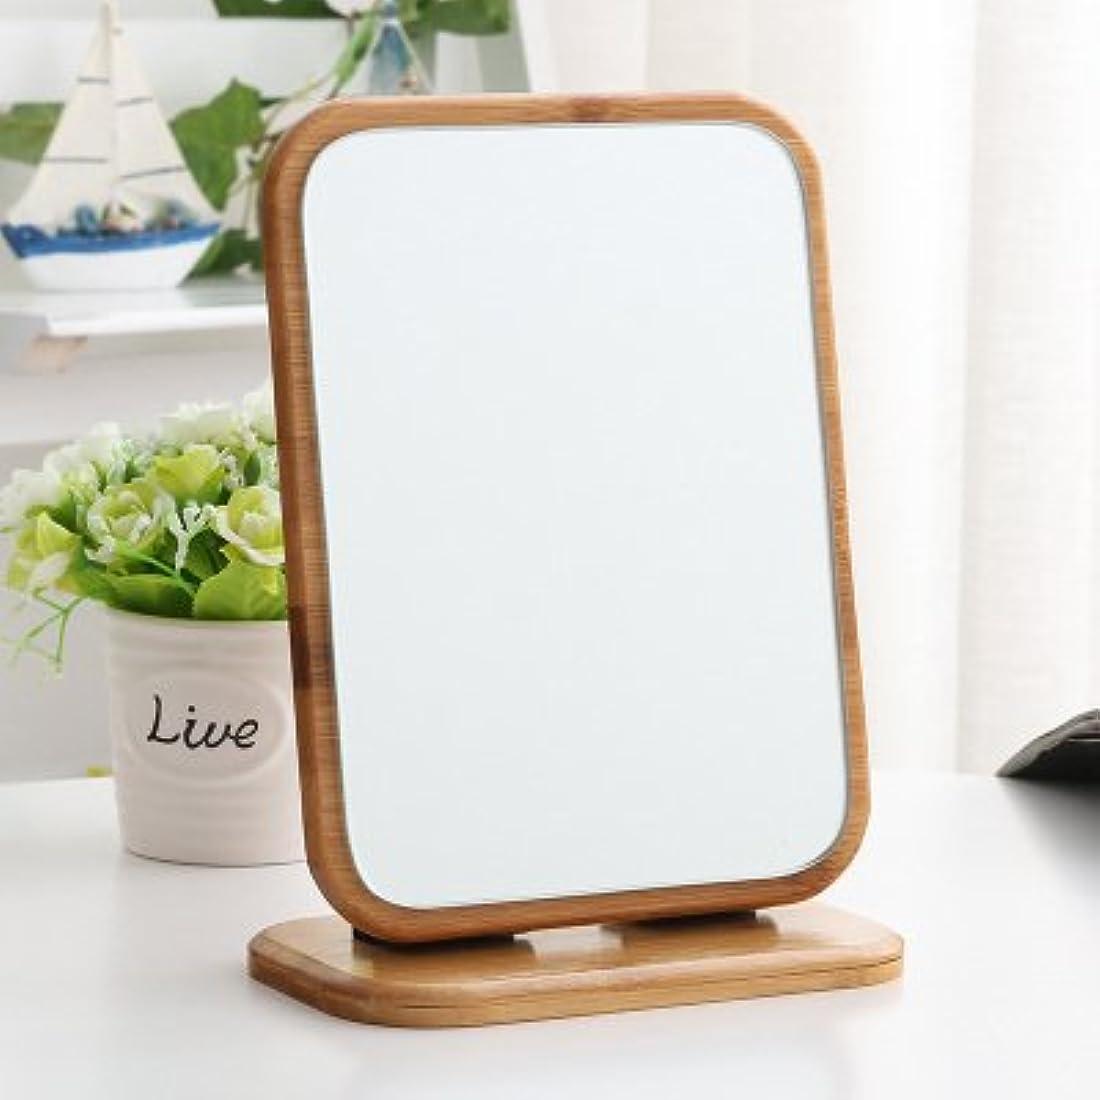 支払いスリル半円折りたたみ式 90度角度調整可能 スタンド付き メイクミラー シンプル 木目 卓上ミラー 置き鏡 (方形)